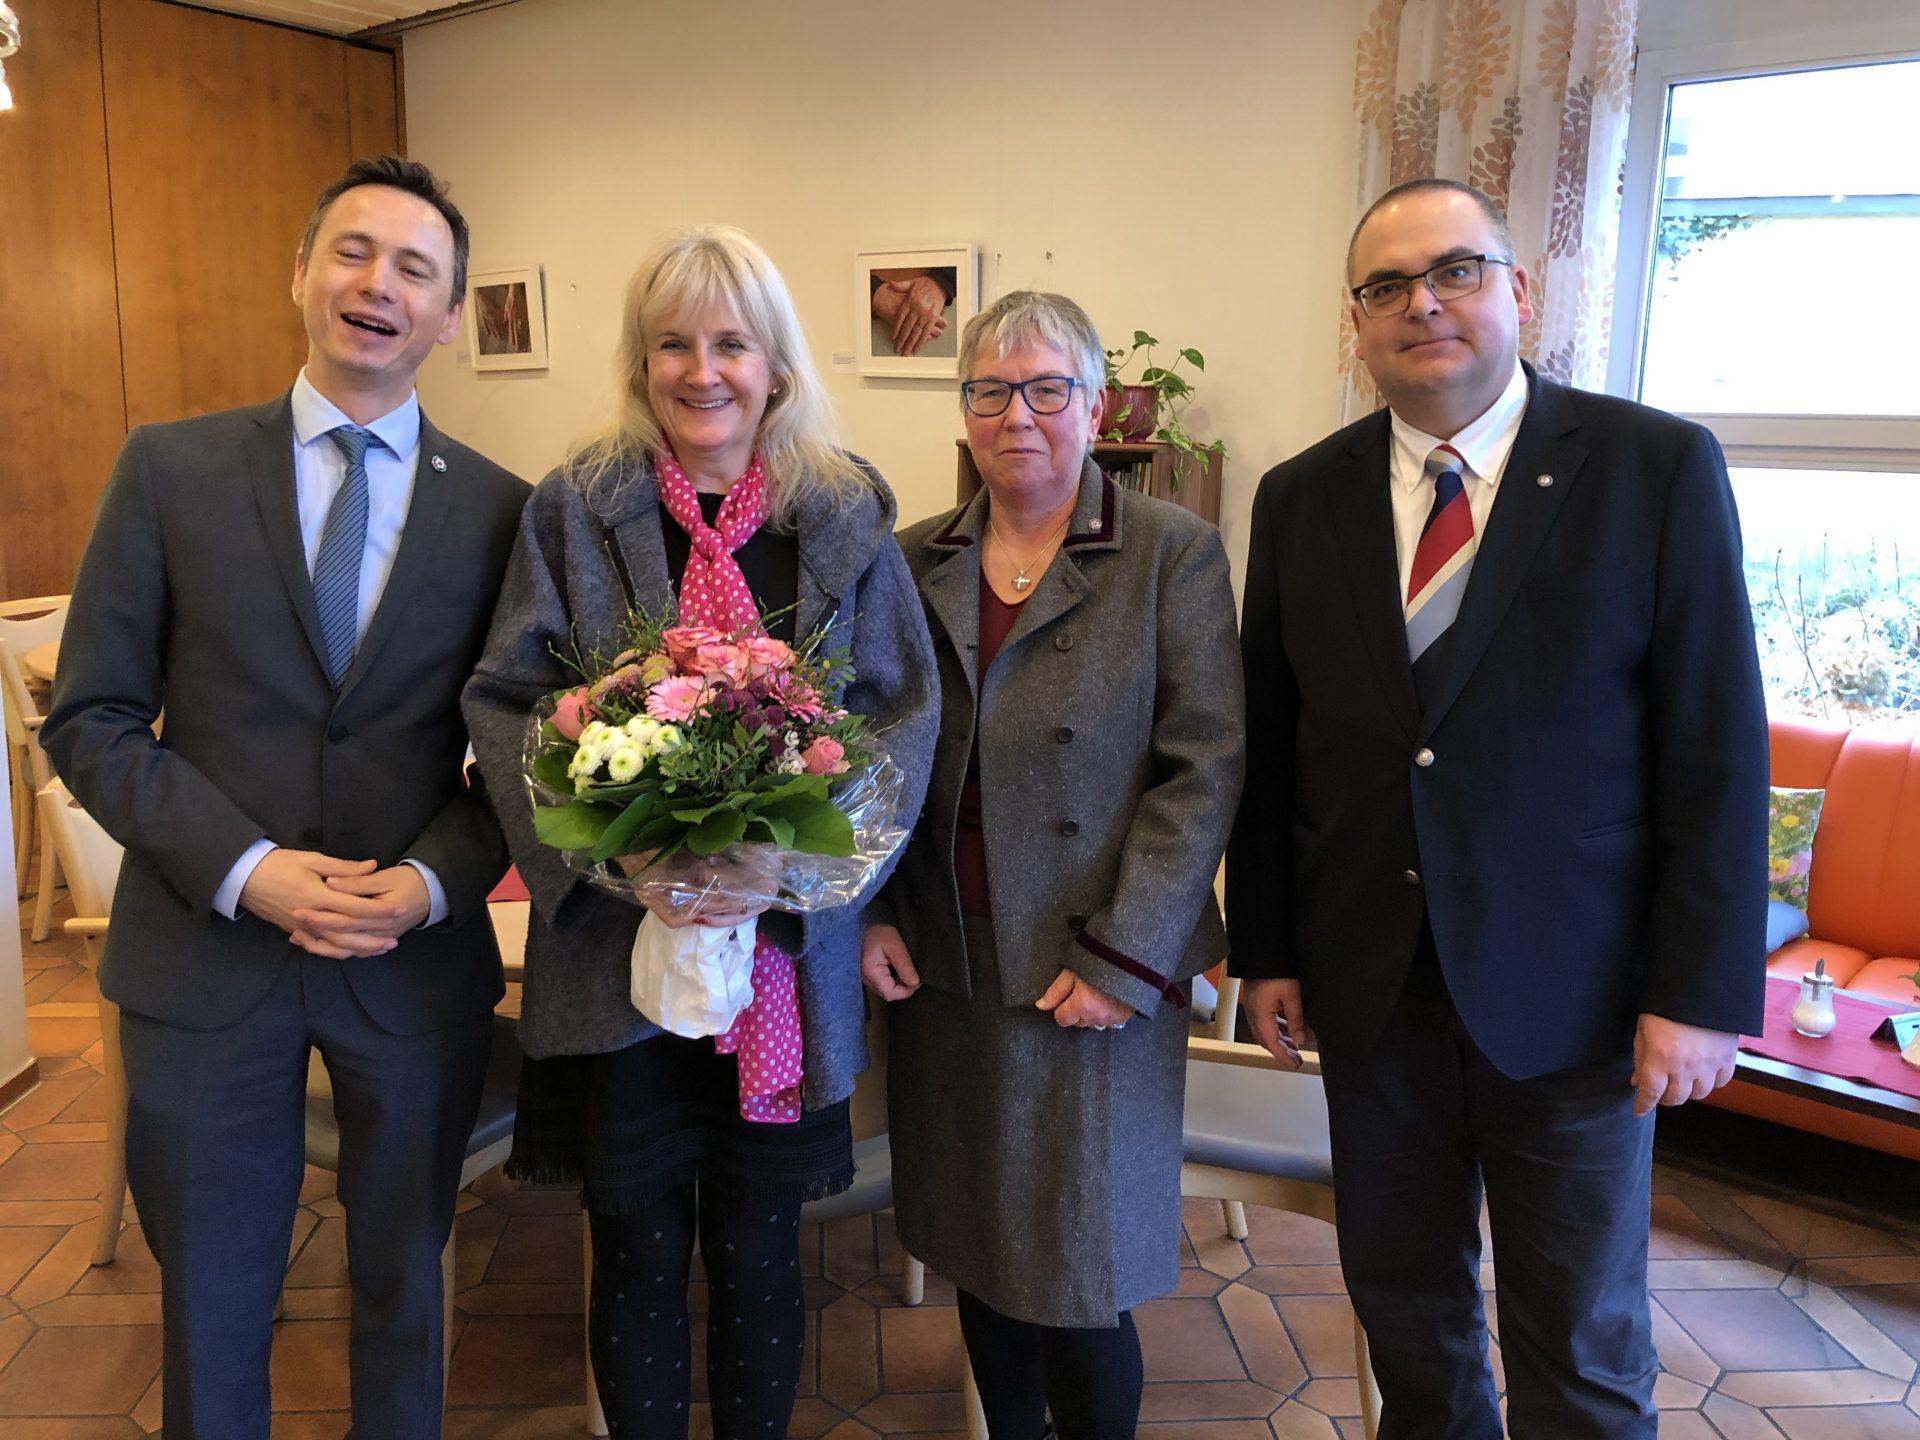 Kaufm. Direktor Daniel Schies, Stitspfarrerin Ulrike Oehler und Vorstand Carsten Jacknau (v.l.n.r) gratulierten Claudia Collet (Zweite von links)